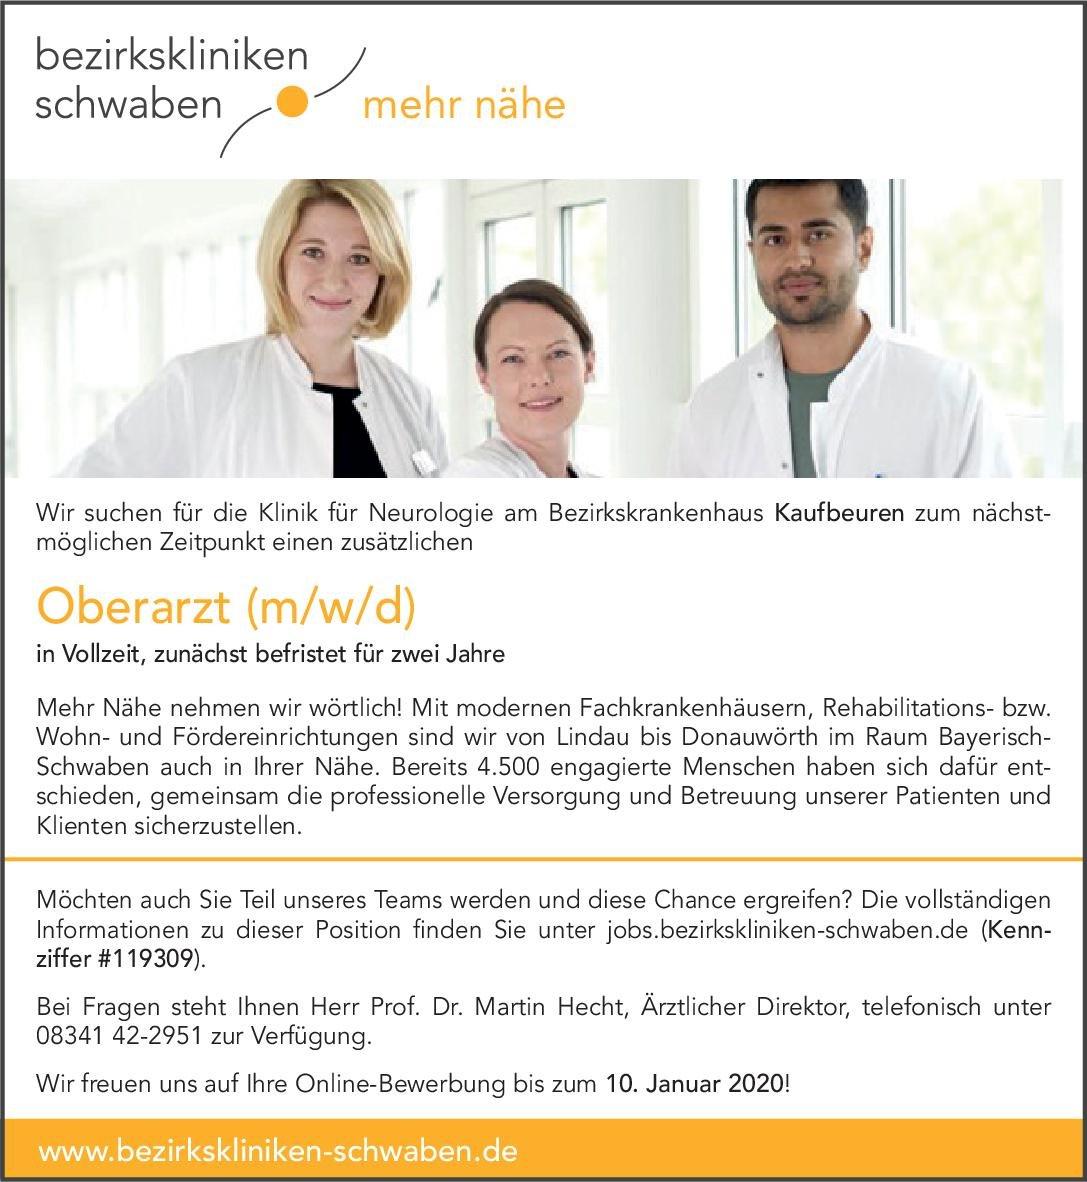 Bezirkskliniken Schwaben Oberarzt (m/w/d) Neurologie Neurologie Oberarzt